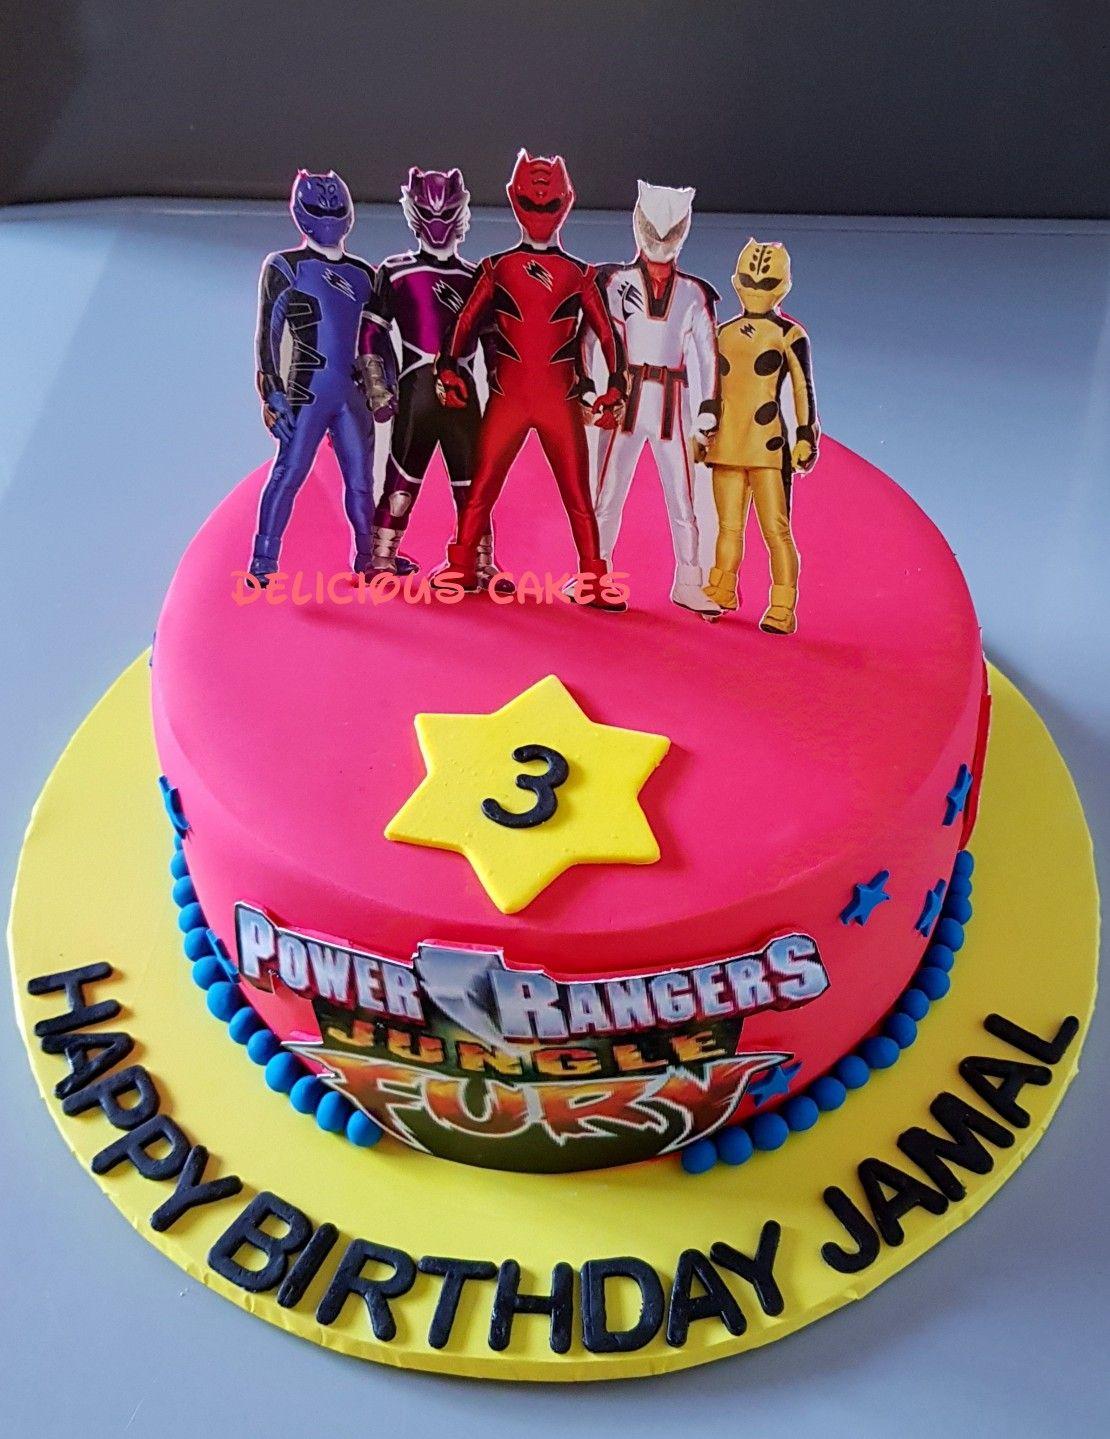 Power Rangers Jungles Fury Cake Cake Power Rangers Jungle Fury Birthday Cake